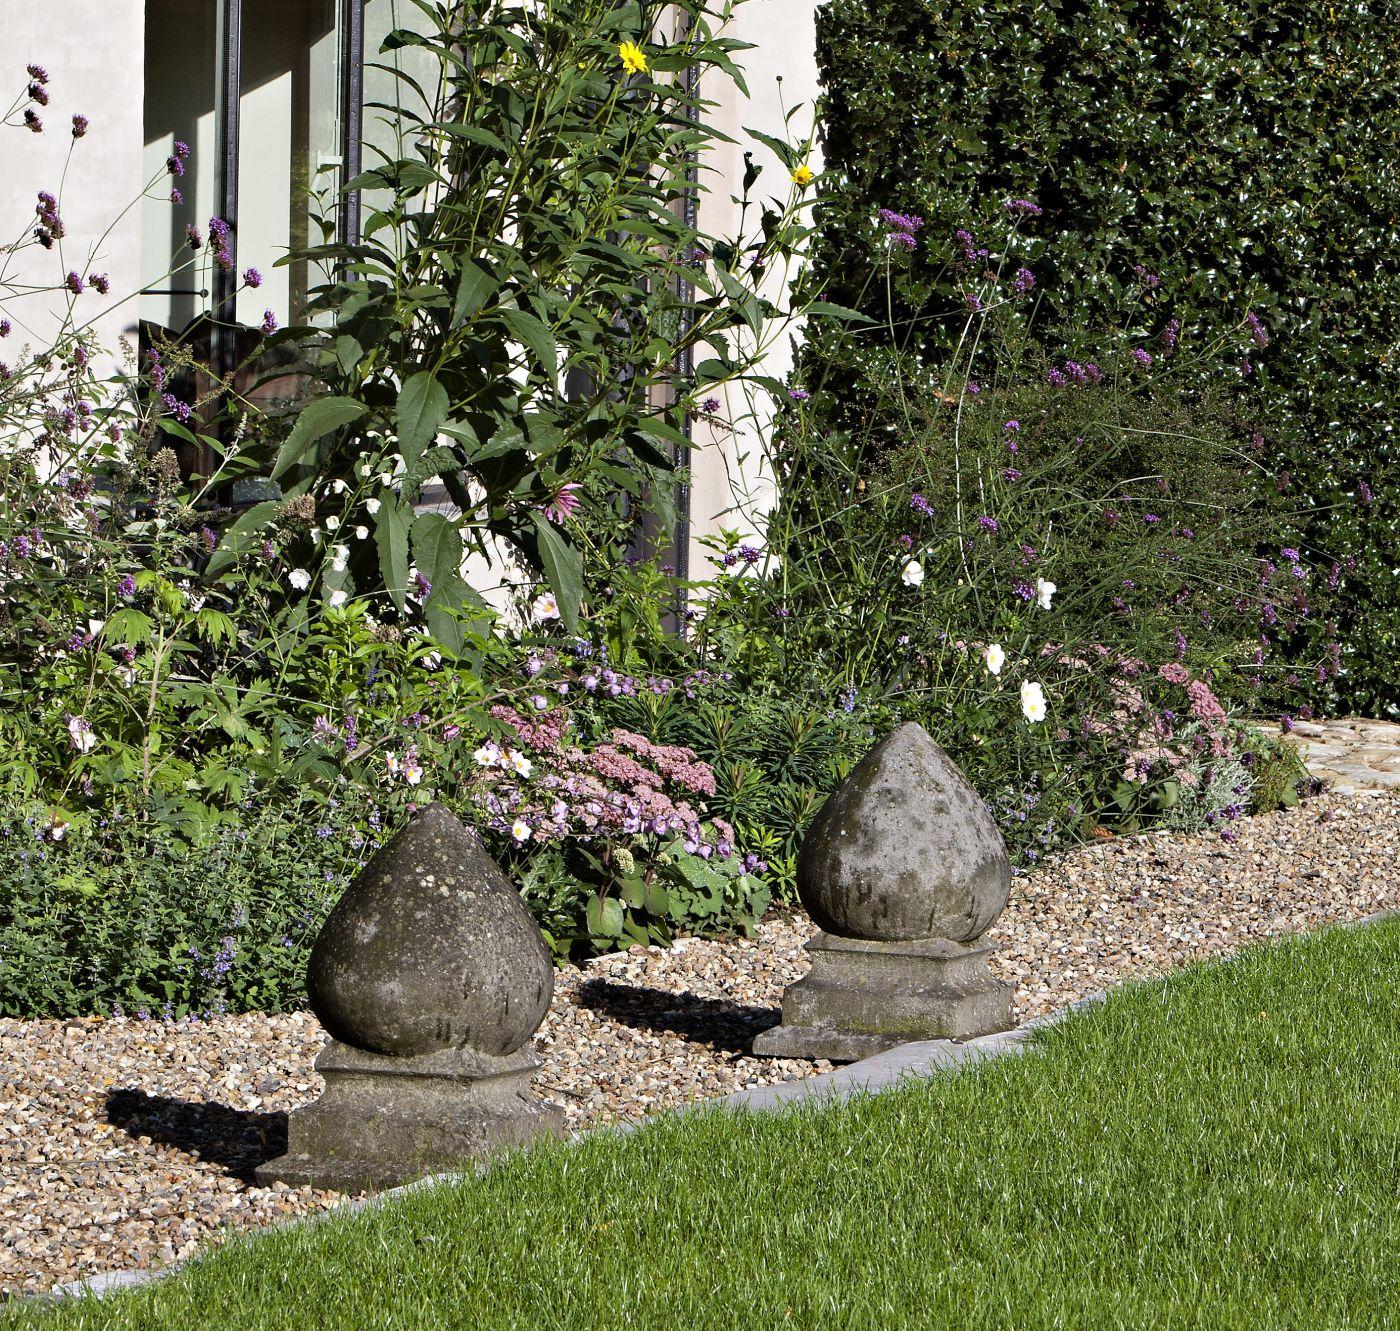 Van apers oude bouwmaterialen antieke haarden sierschouwen schouwen stijlschouwen rustiek - Weergaven tuin lange ...